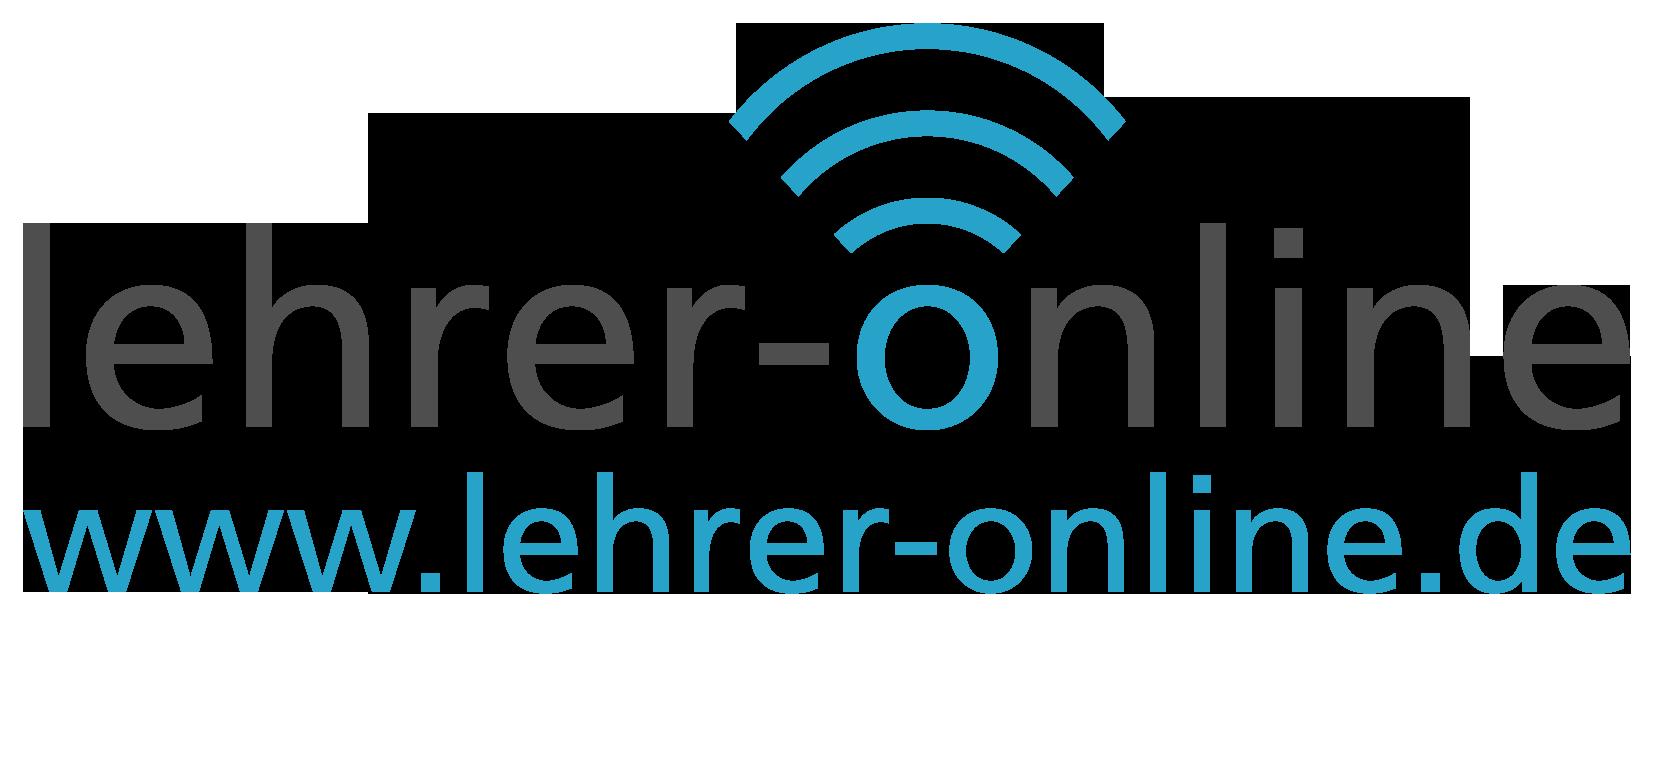 https://www.lehrer-online.de/fileadmin/user_upload/lehreronline_logo_2015_URL_blau.png